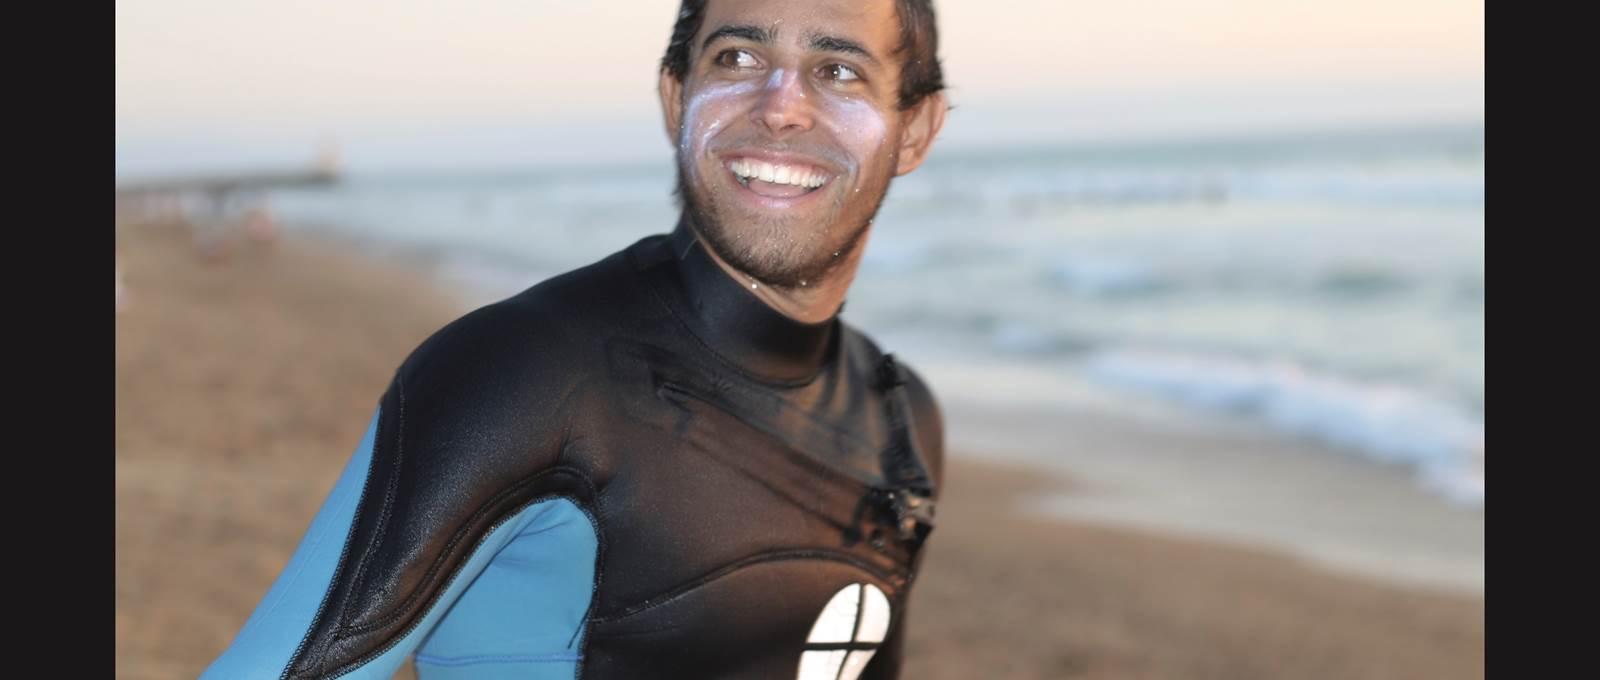 Florian Surf partenaire Hotel Le Rond Point Hossegor Landes